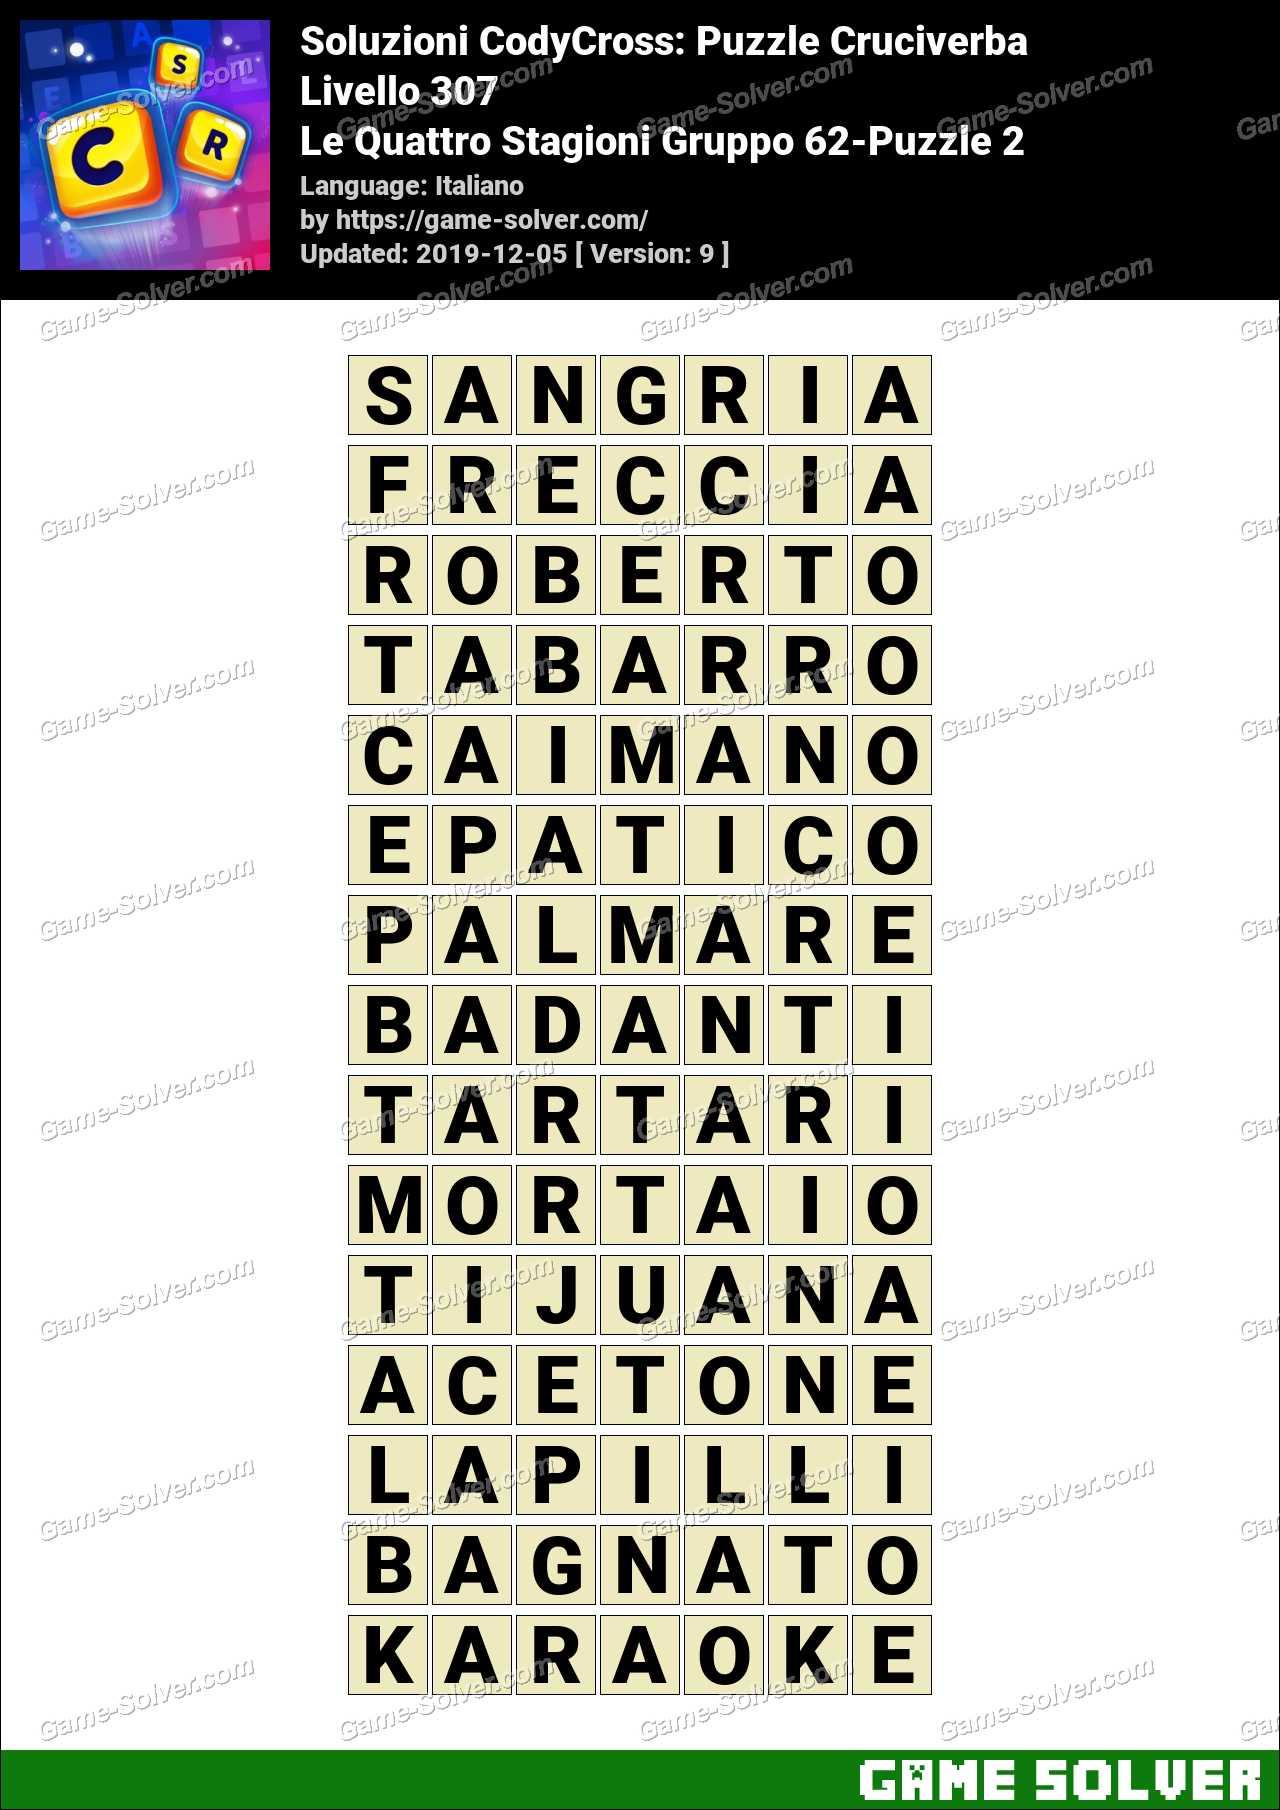 Soluzioni CodyCross Le Quattro Stagioni Gruppo 62-Puzzle 2